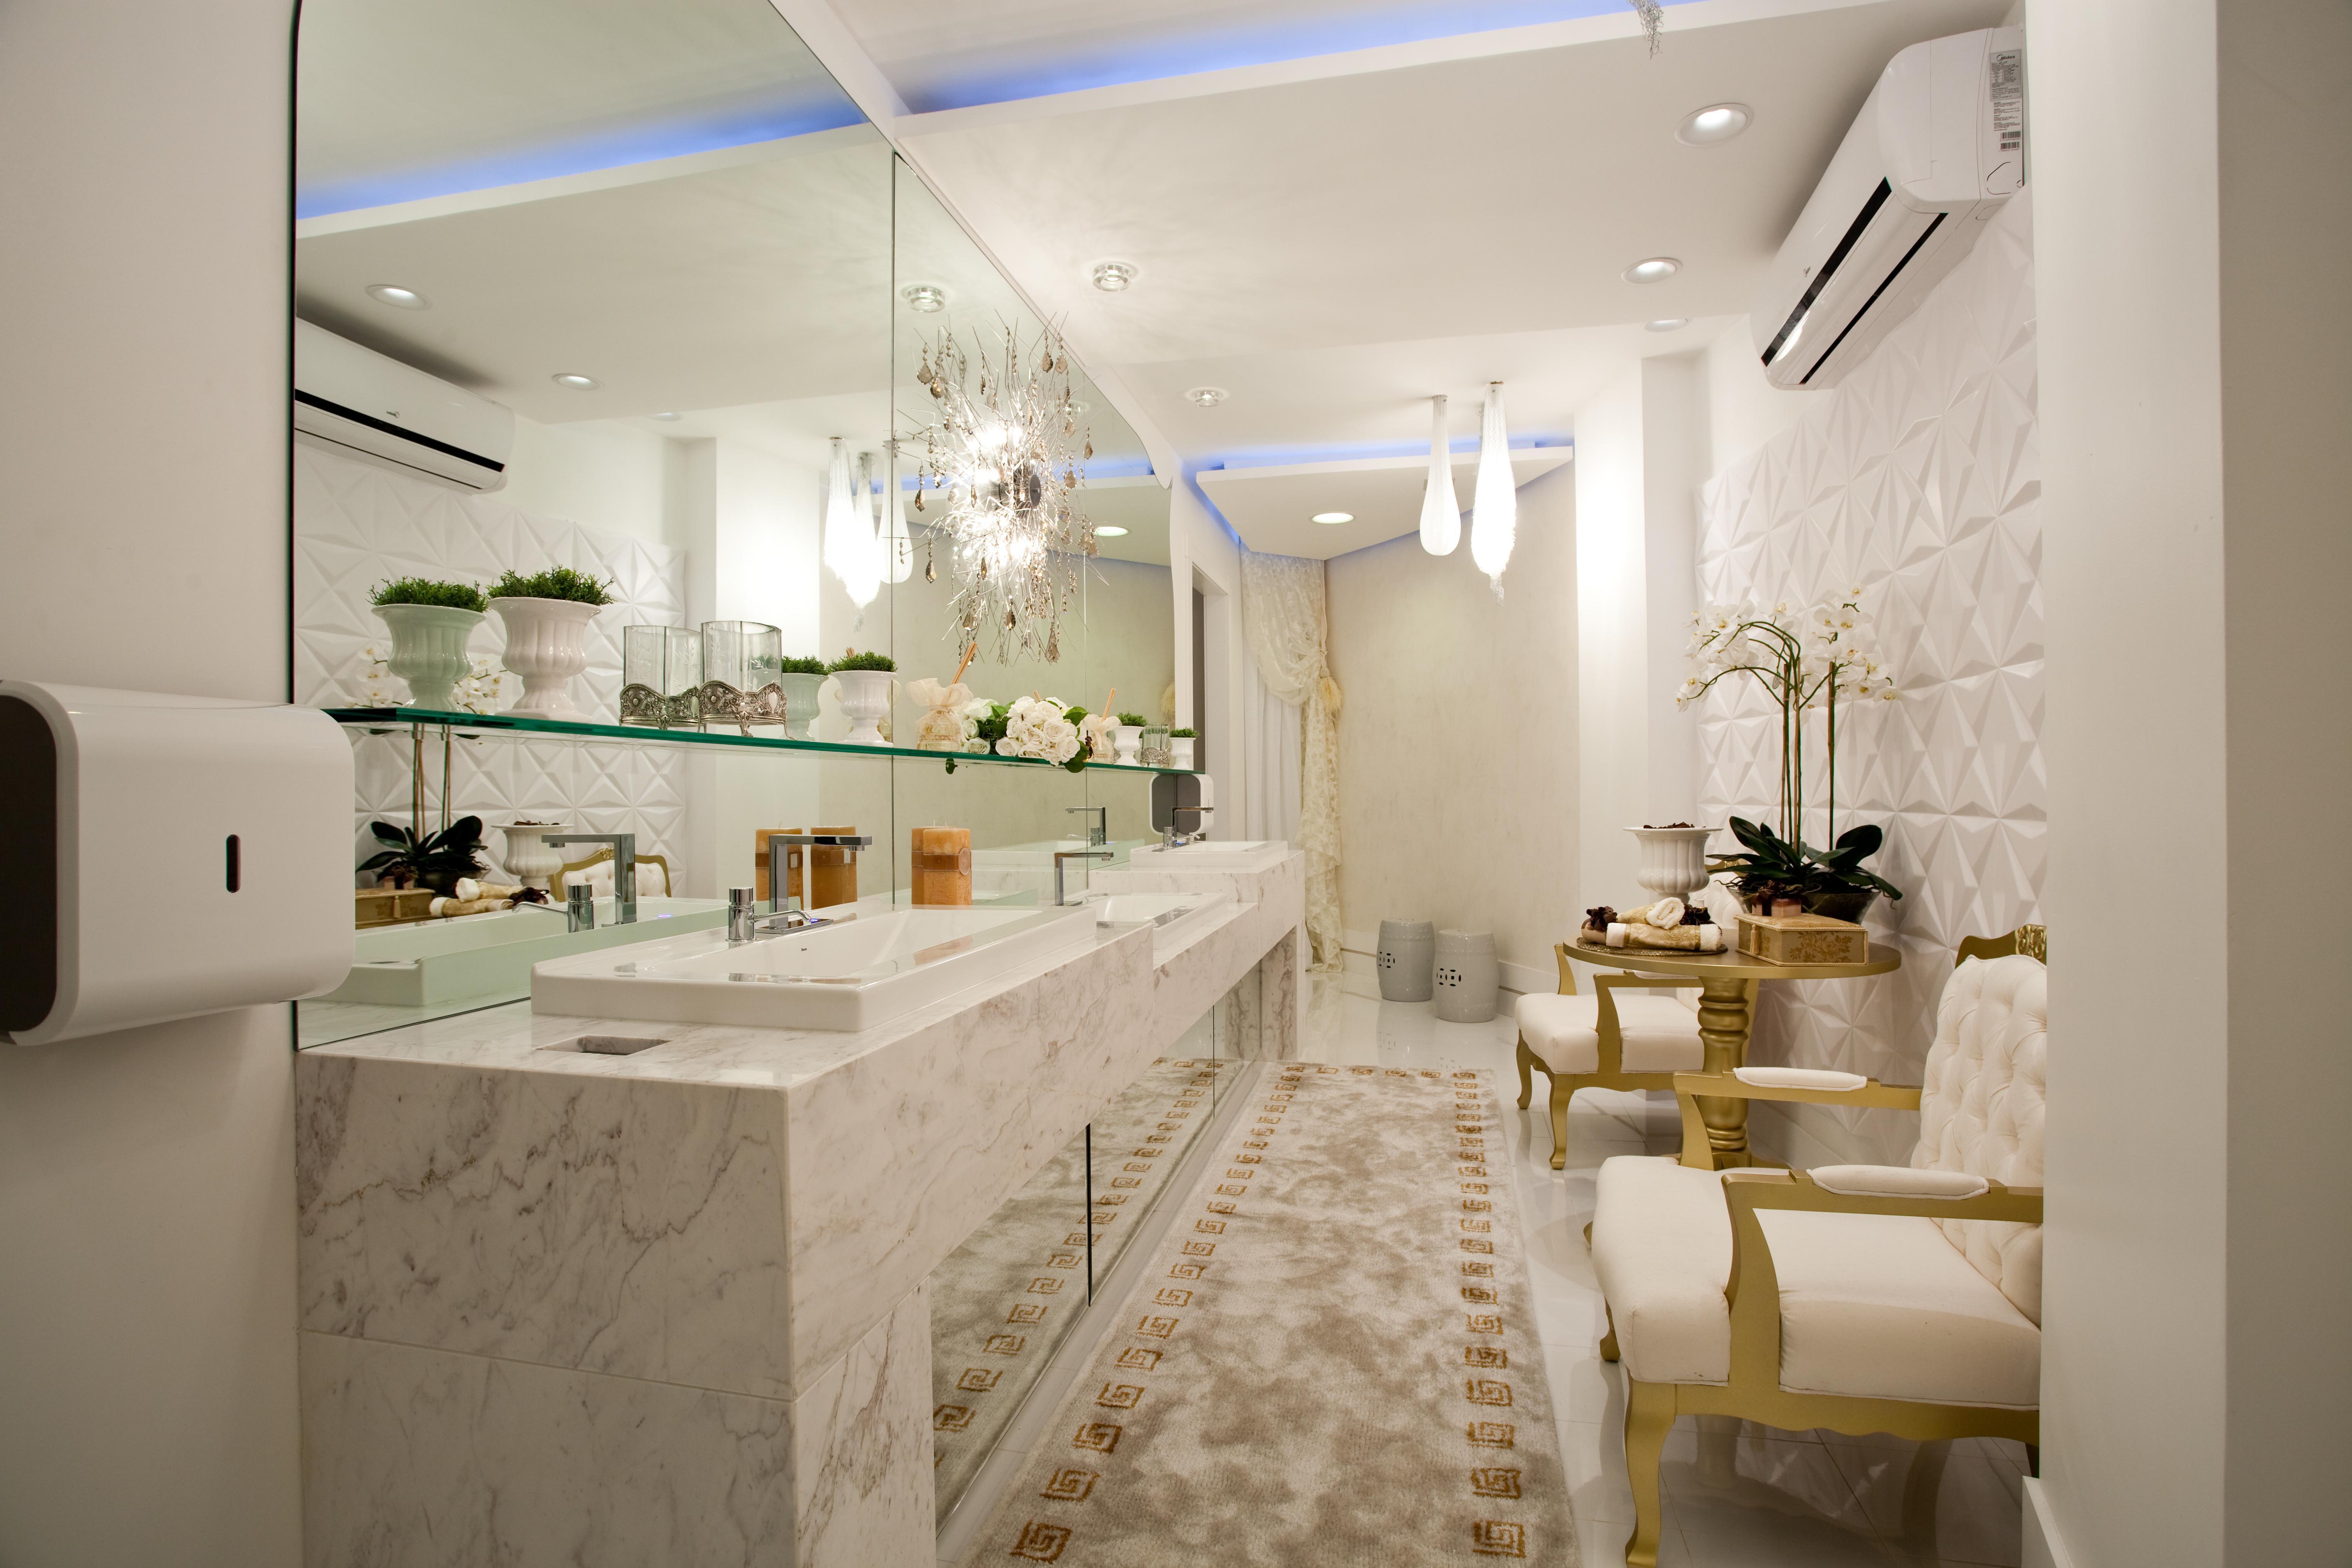 Imagem 55 – Banheiro com uma composição linda do tapete e  #946D37 5616x3744 Banheiro Comprido Com Banheira